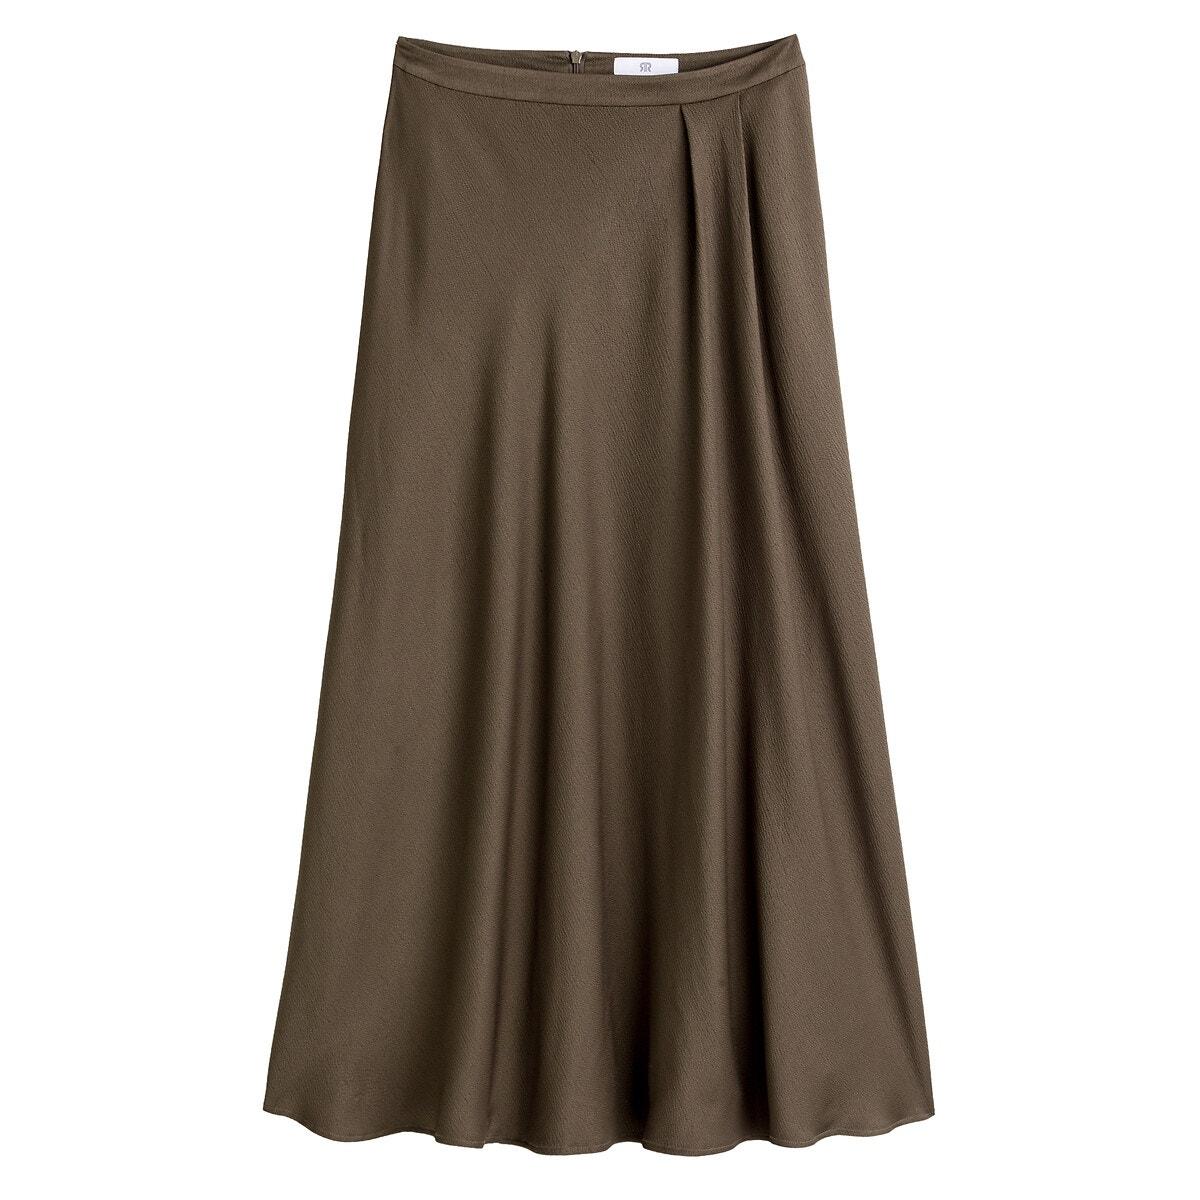 ミモレ丈サテンスカート